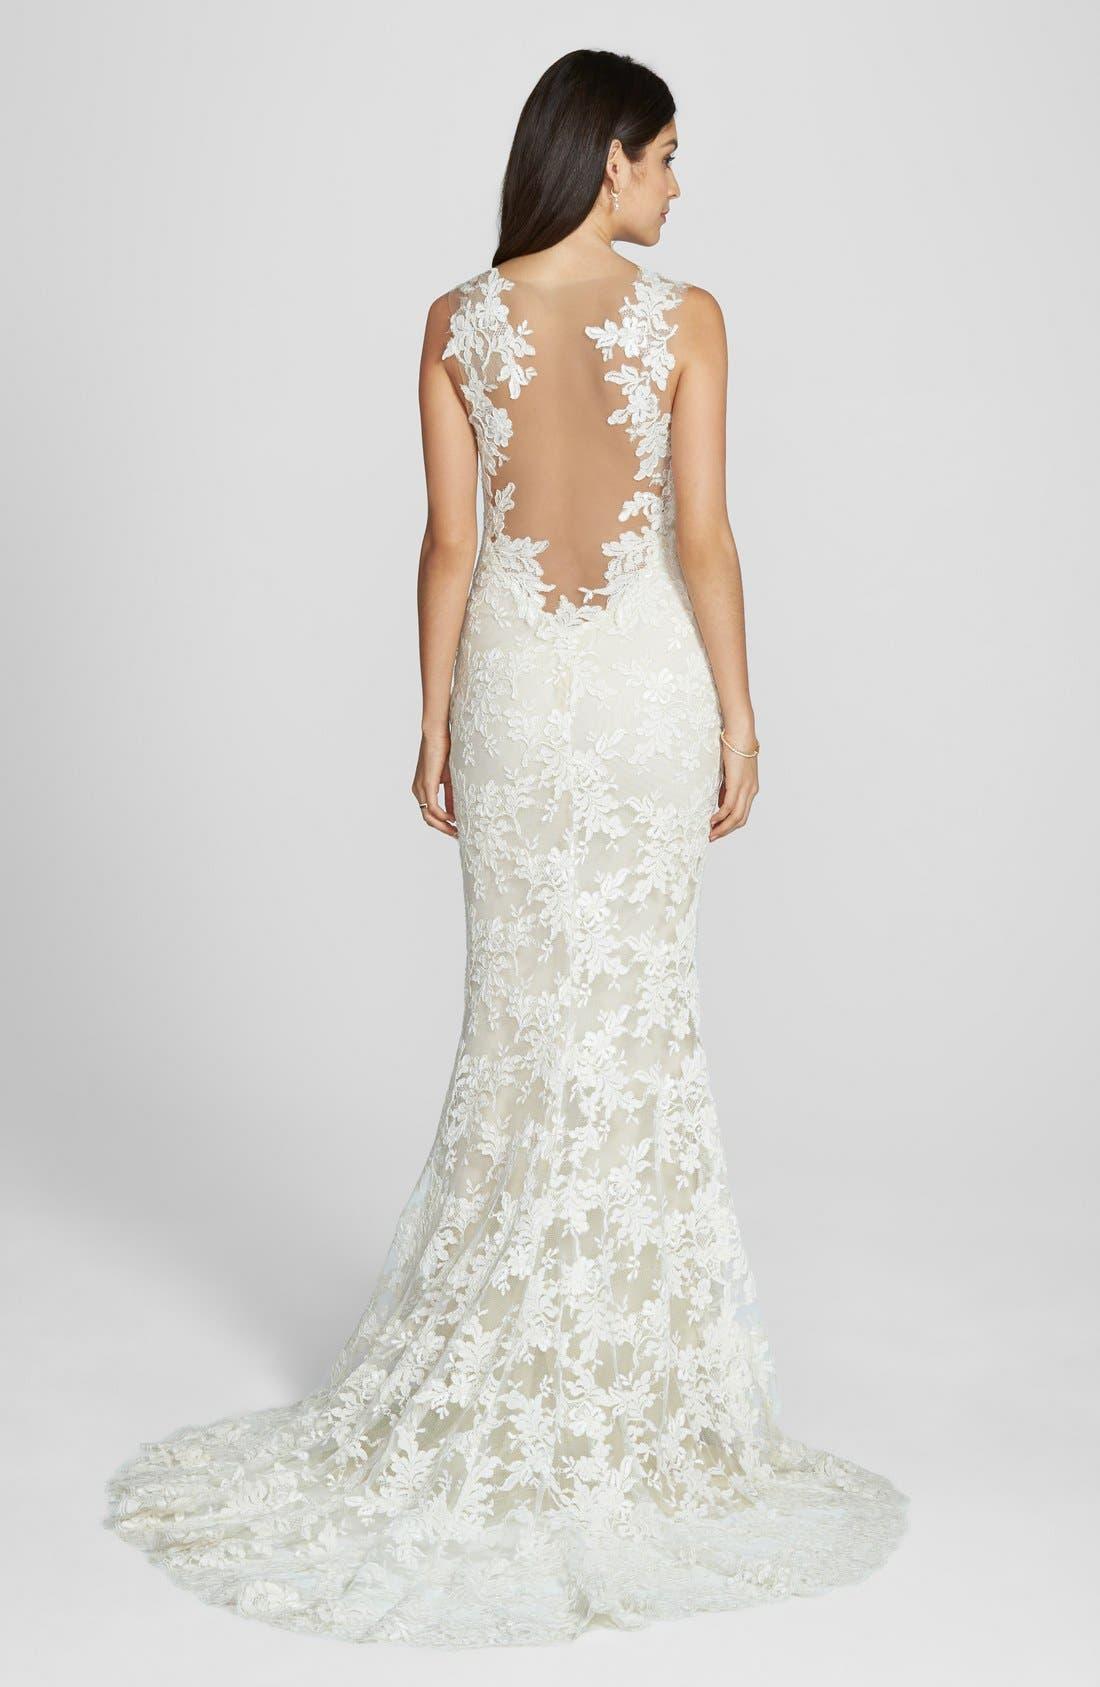 'Nicole' Aleçon Lace Mermaid Dress,                             Alternate thumbnail 2, color,                             IVORY/ VANILLA